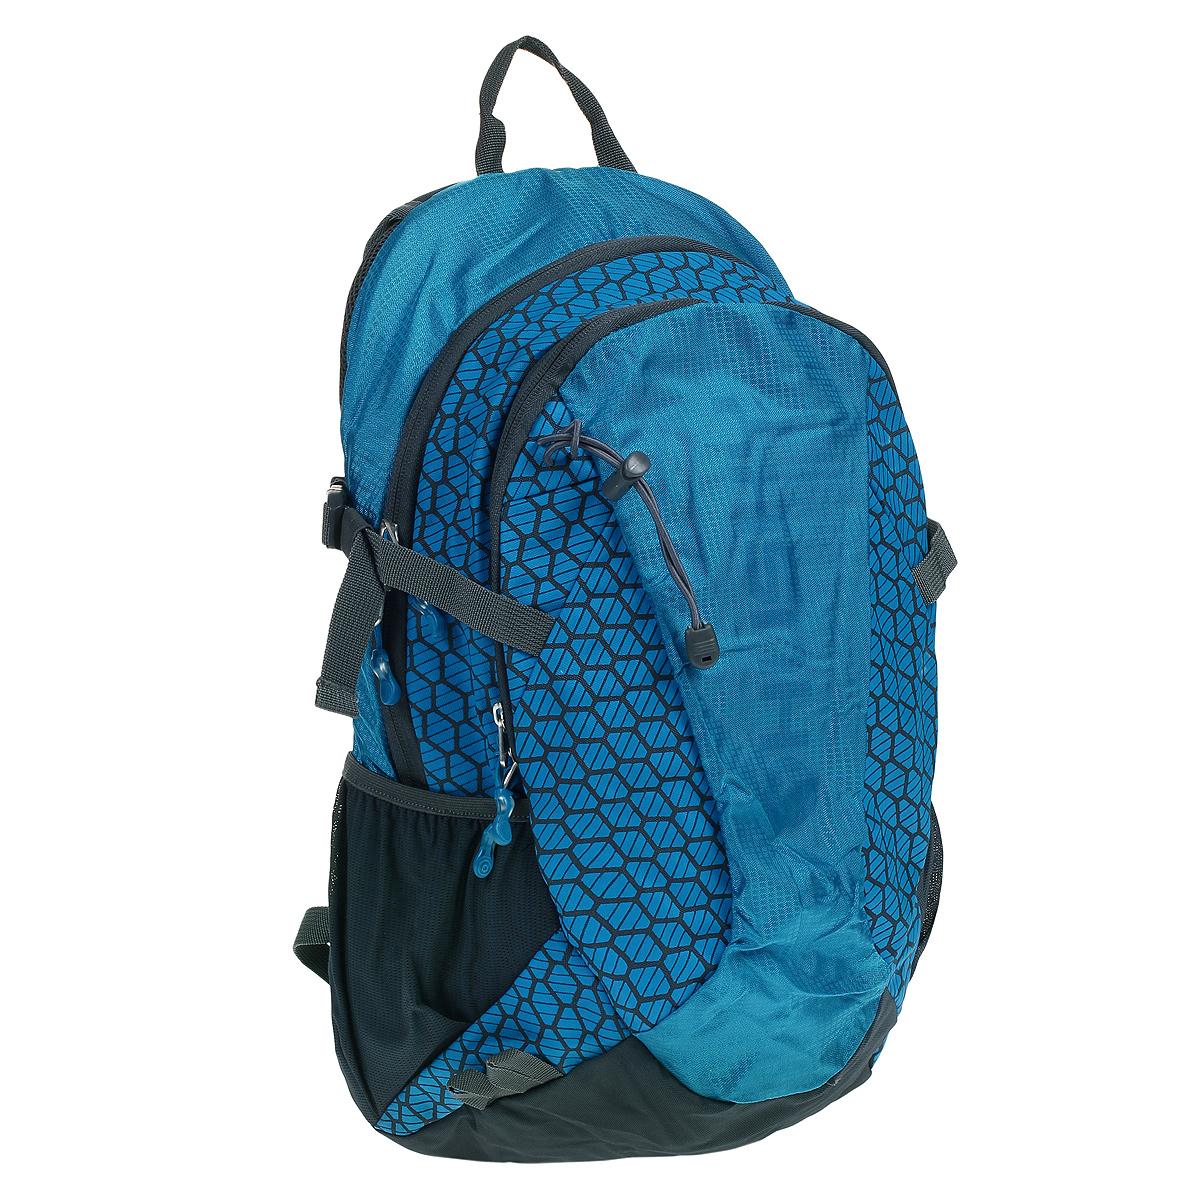 Рюкзак городской Husky Minel 22, цвет: синийD-186/26Рюкзак городской Husky Minel 22 подойдет не только для повседневной жизни, но и для отдыха на природе, путешествий, тогда, когда нужно иметь с собой не только ноутбук, но и другие приложения, которые запросто поместятся в этом рюкзаке.Особенности: водонепроницаемая ткань, система вентиляции спины AMS,отделение для ноутбука, внутренний органайзер,боковые карманы-сетки,светоотражающие элементы.